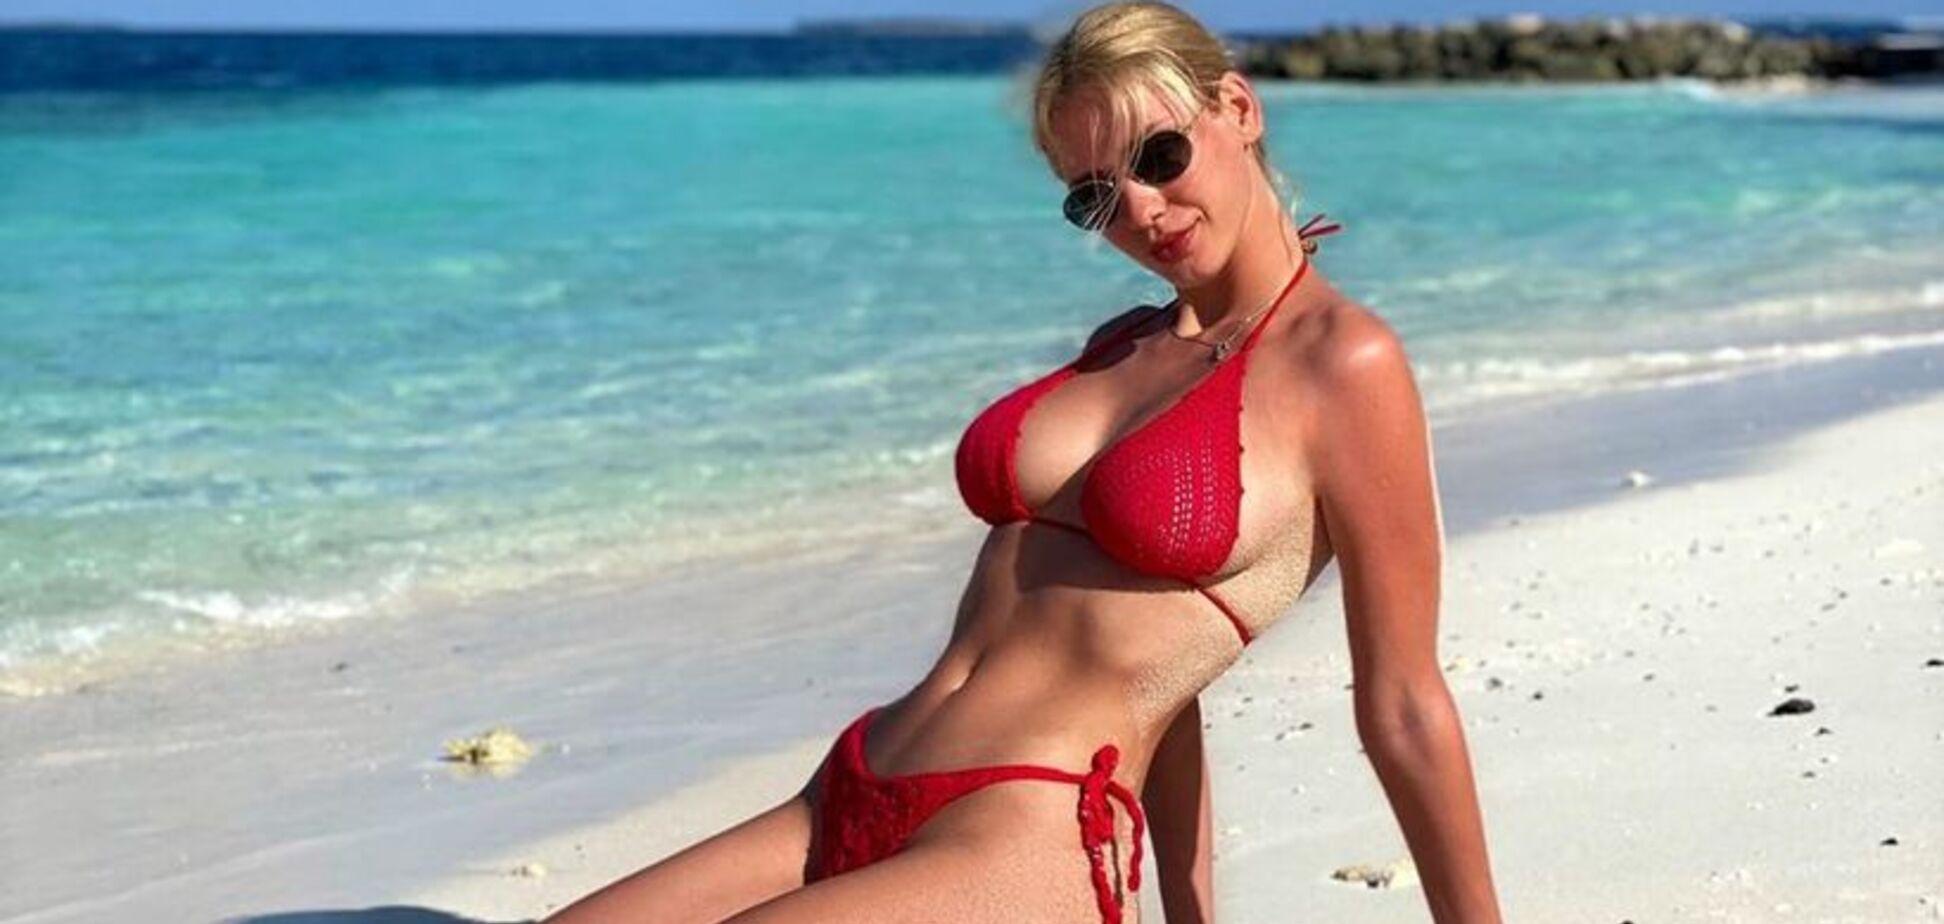 Невеста игрока 'Шахтера' разделась на пляже, поразив размерами бюста